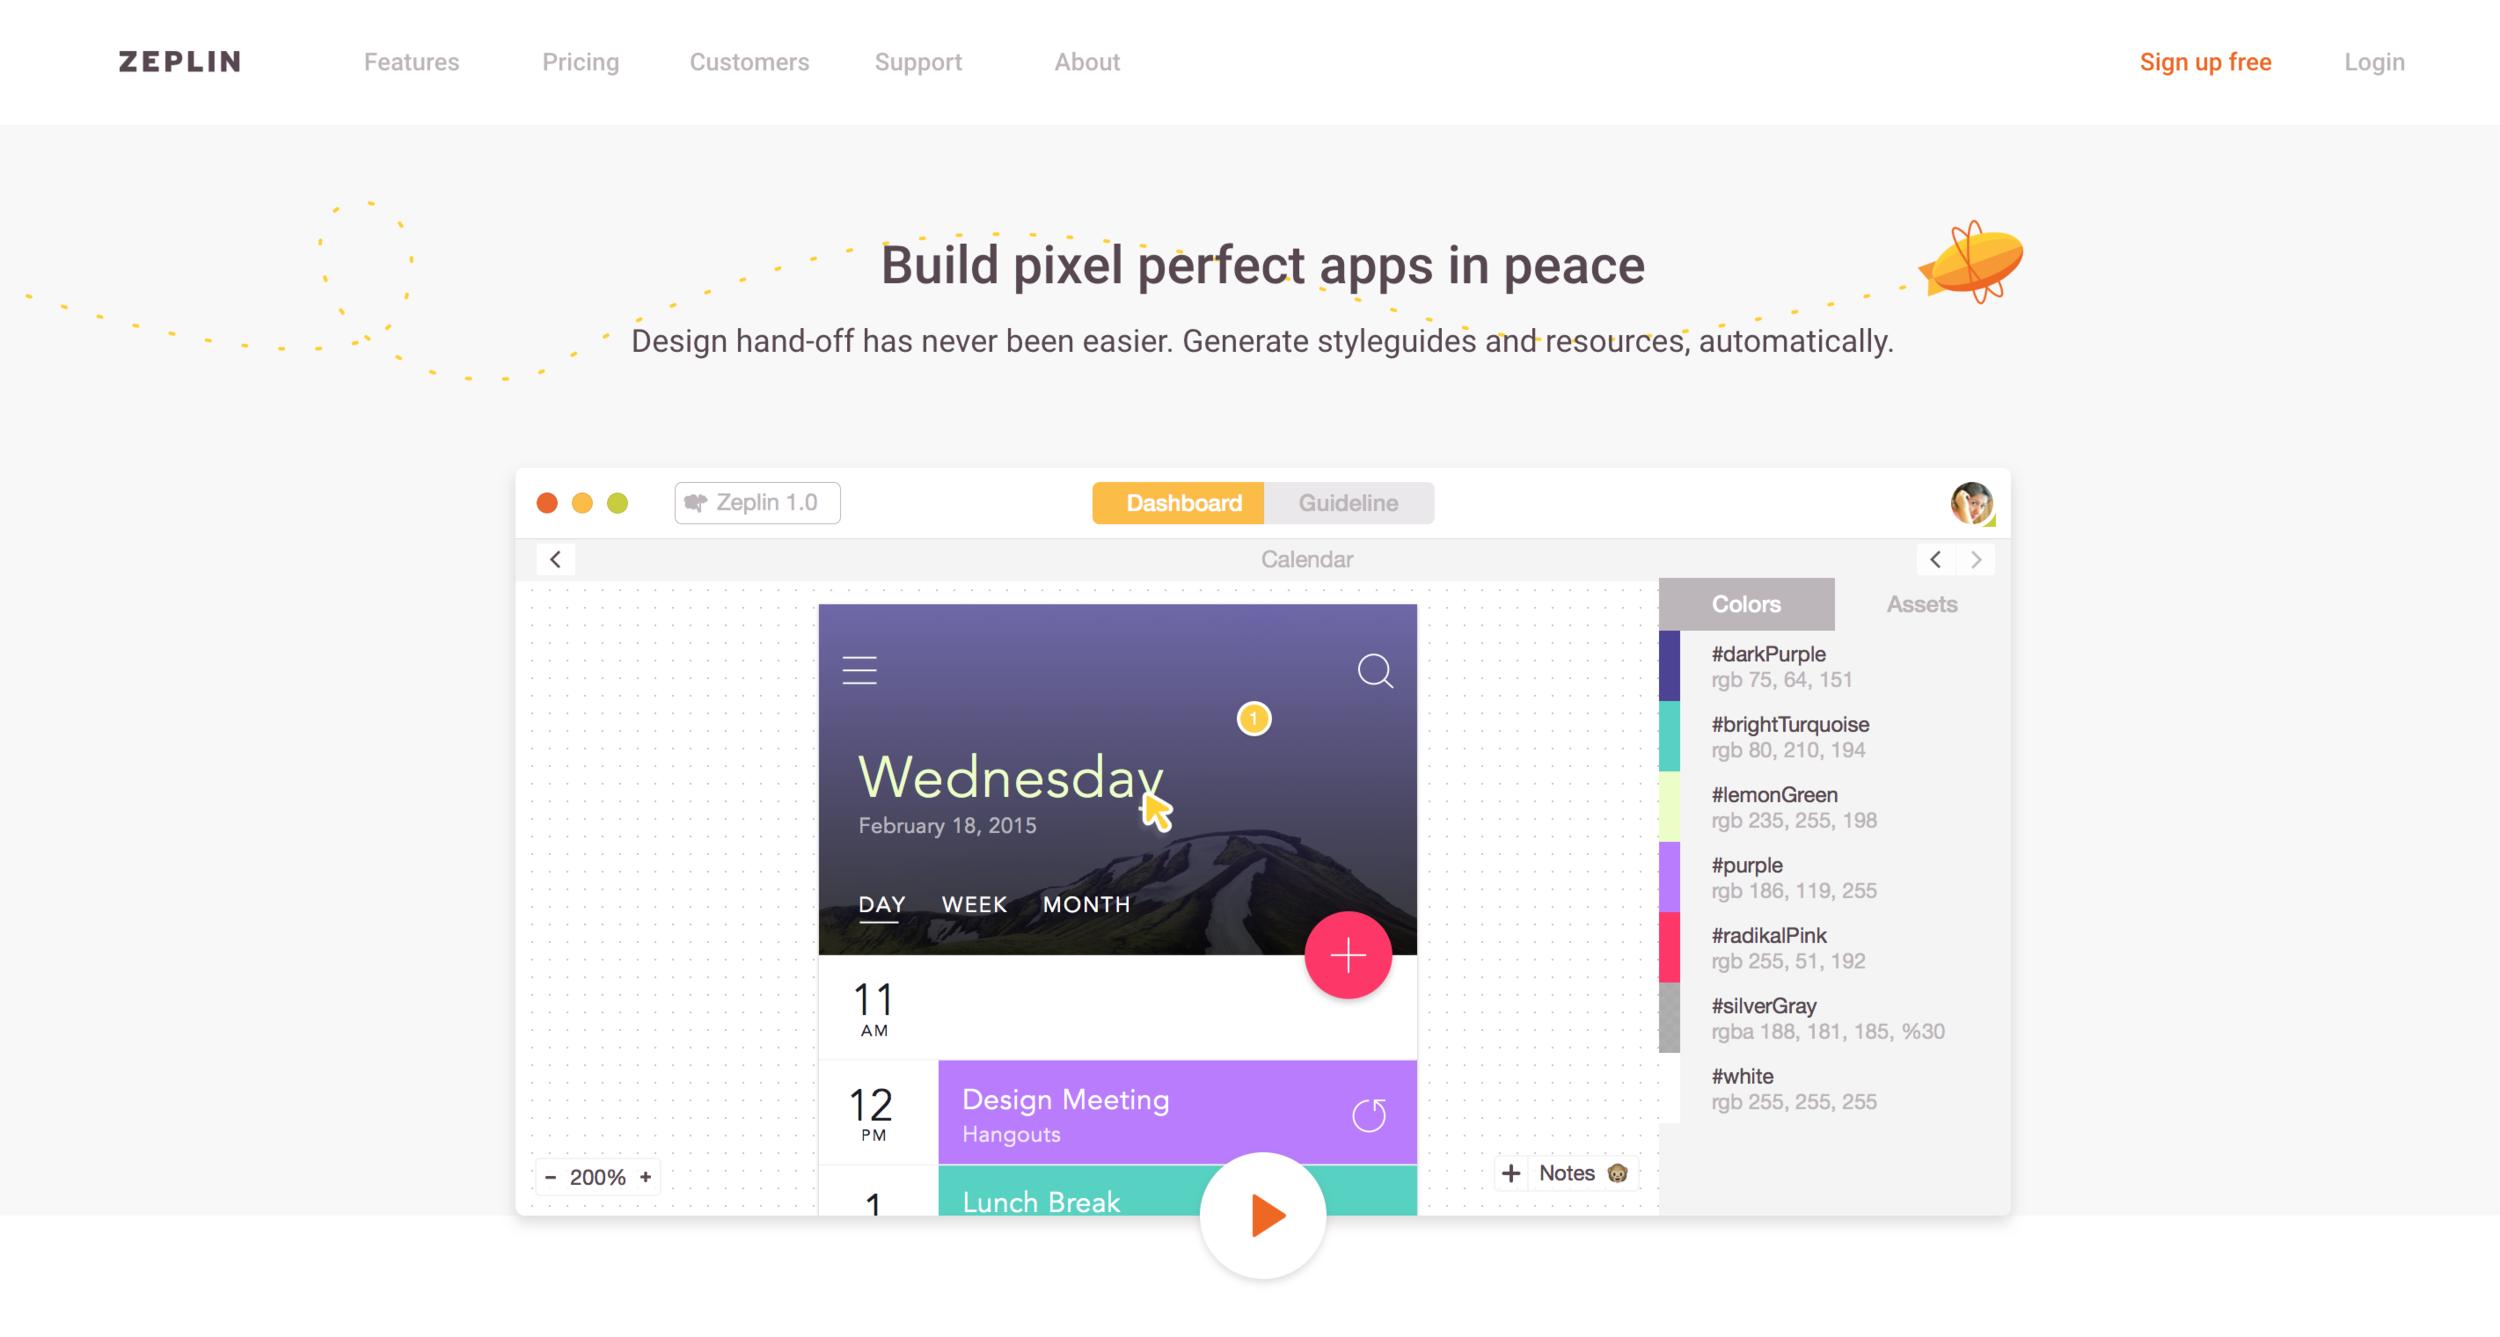 jacob-ruiz-design-blog-tools-zeplin